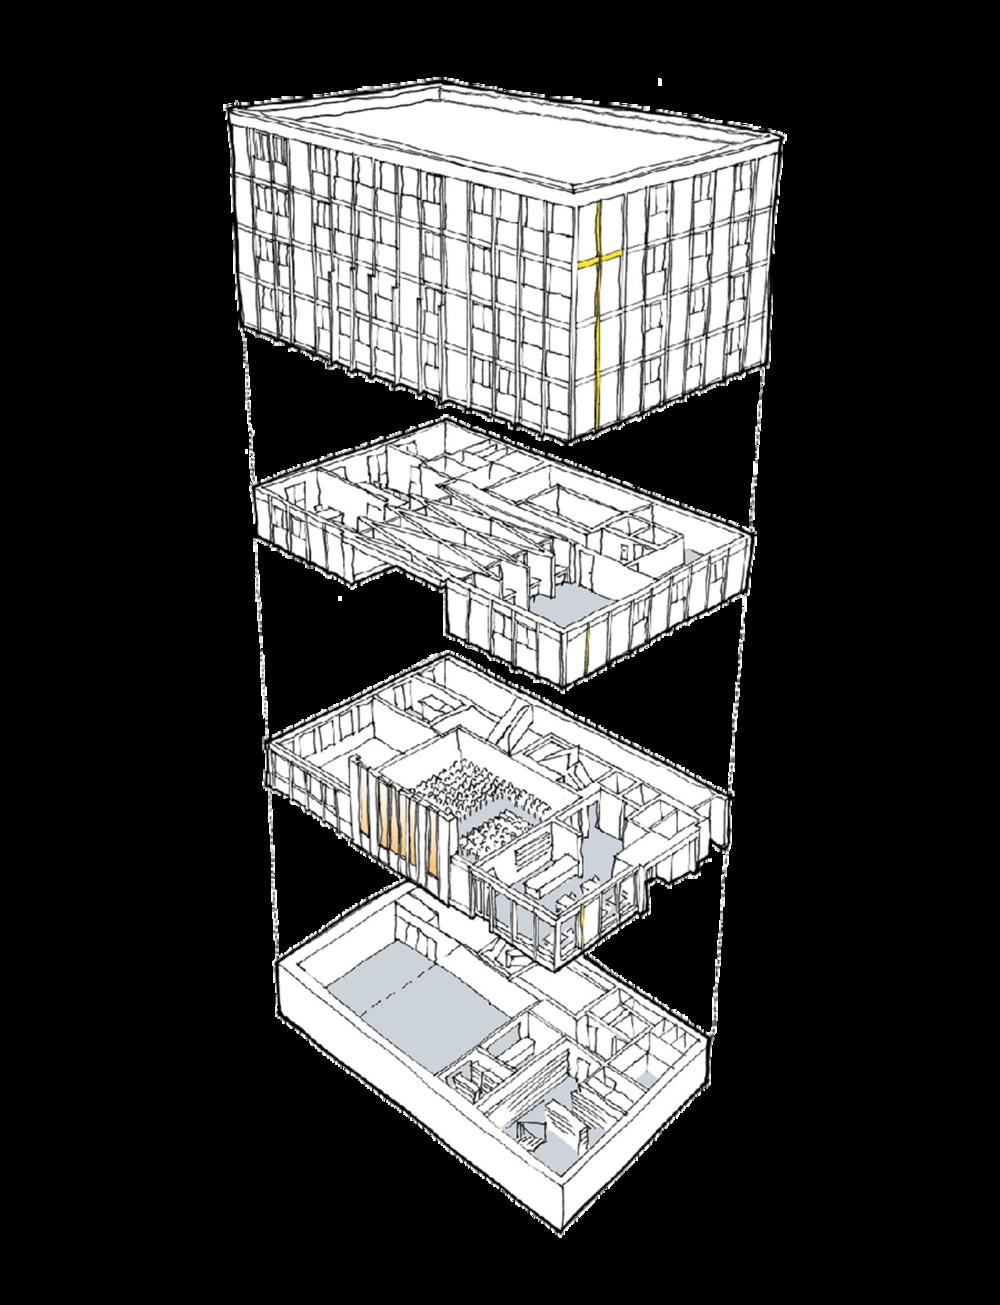 grr_242_bgmc_11_no-top-floor.png